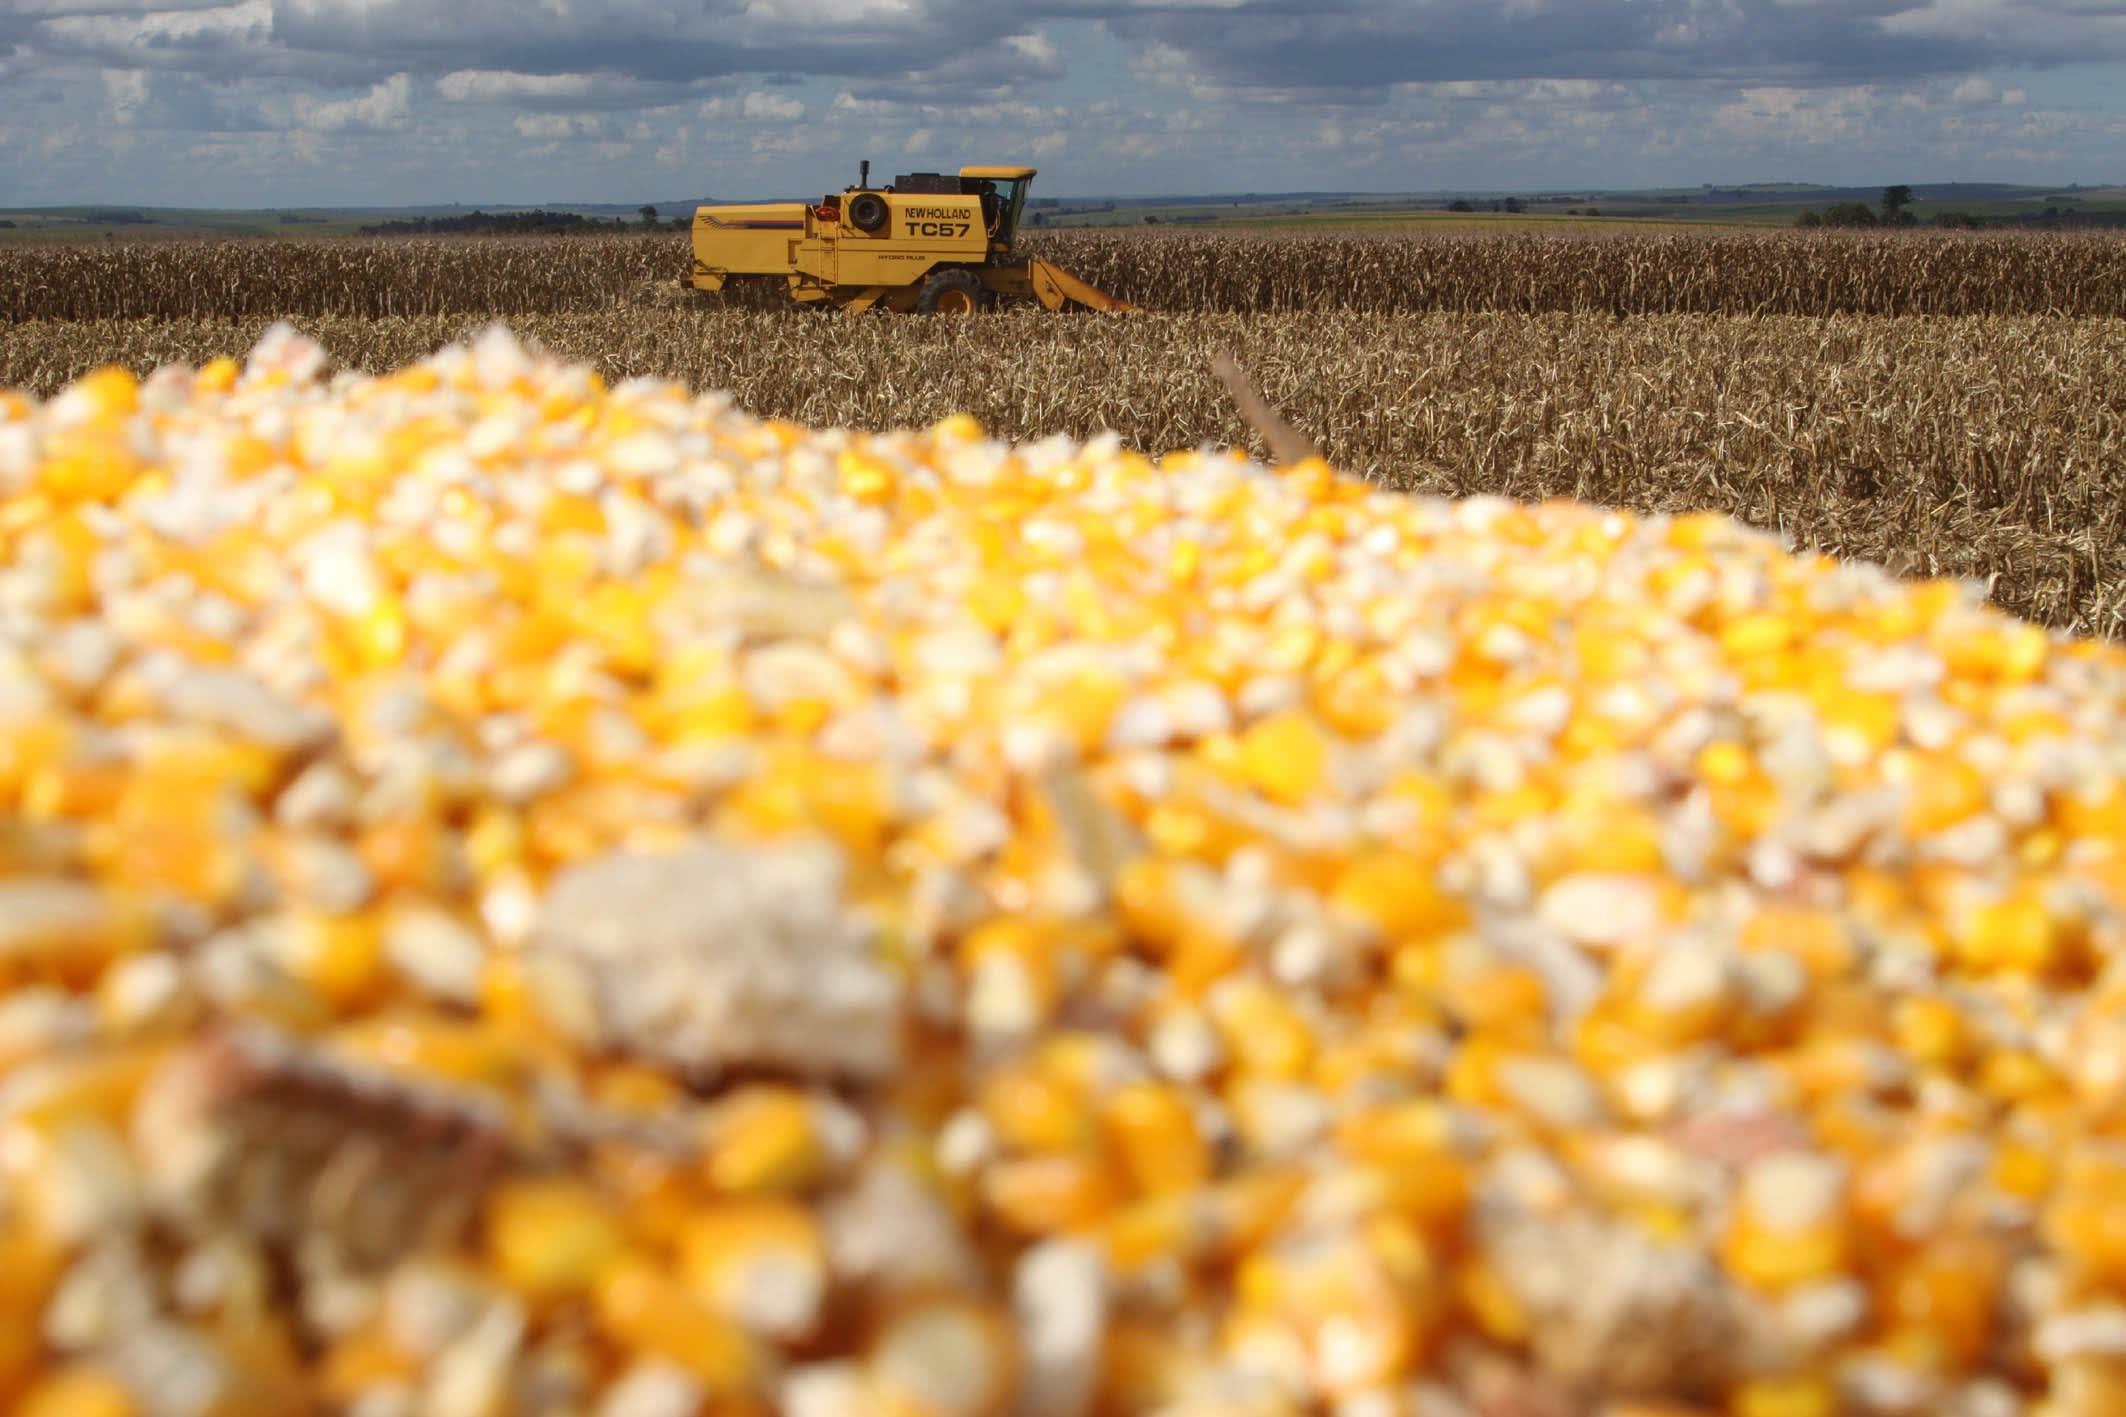 Boletim agropecuário ressalta bons preços do milho ao produtor